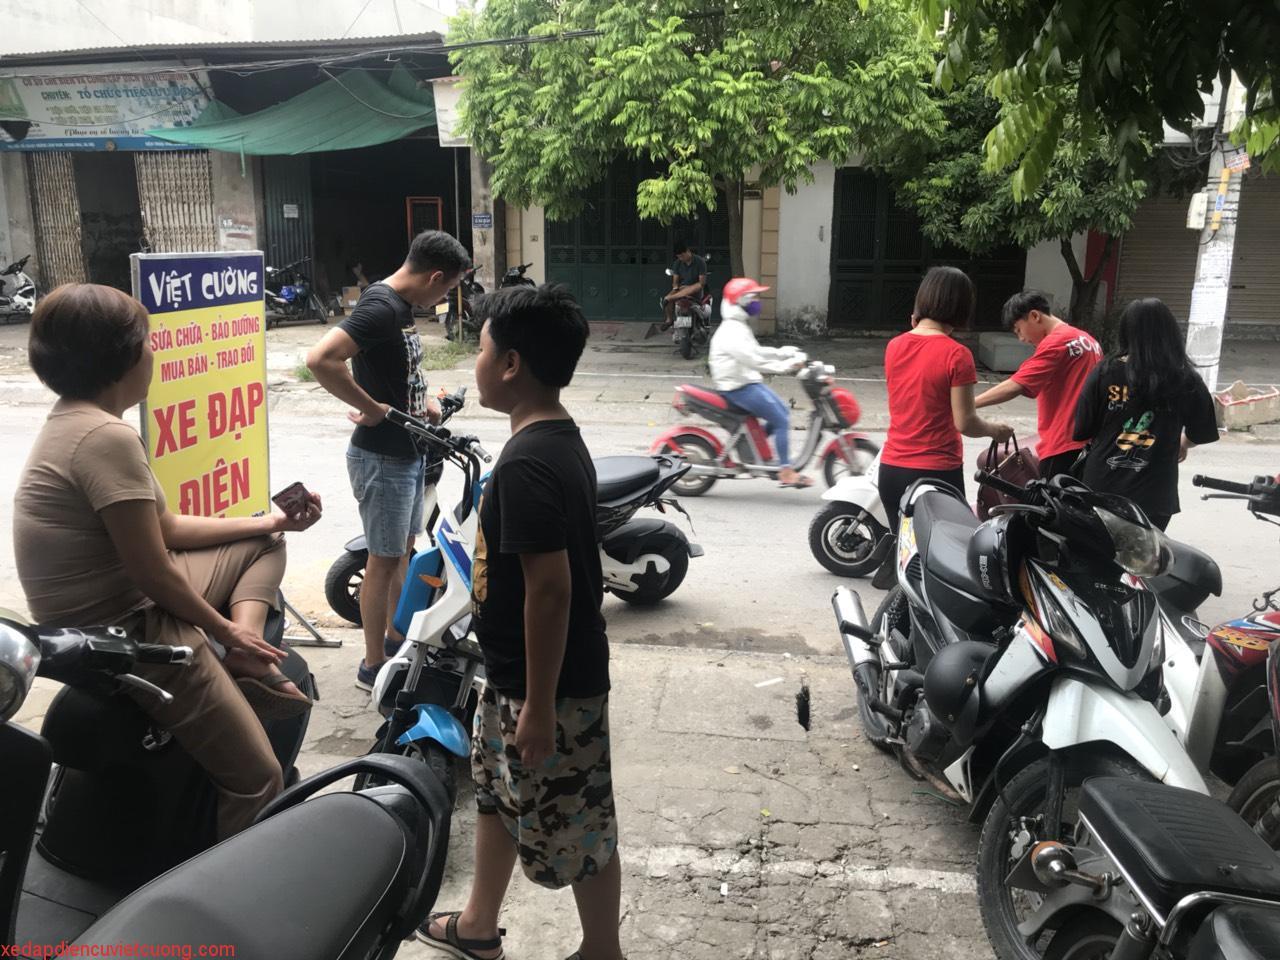 Khách chọn mua xe đạp điện cũ - xe máy điện cũ tại cửa hàng Việt Cường